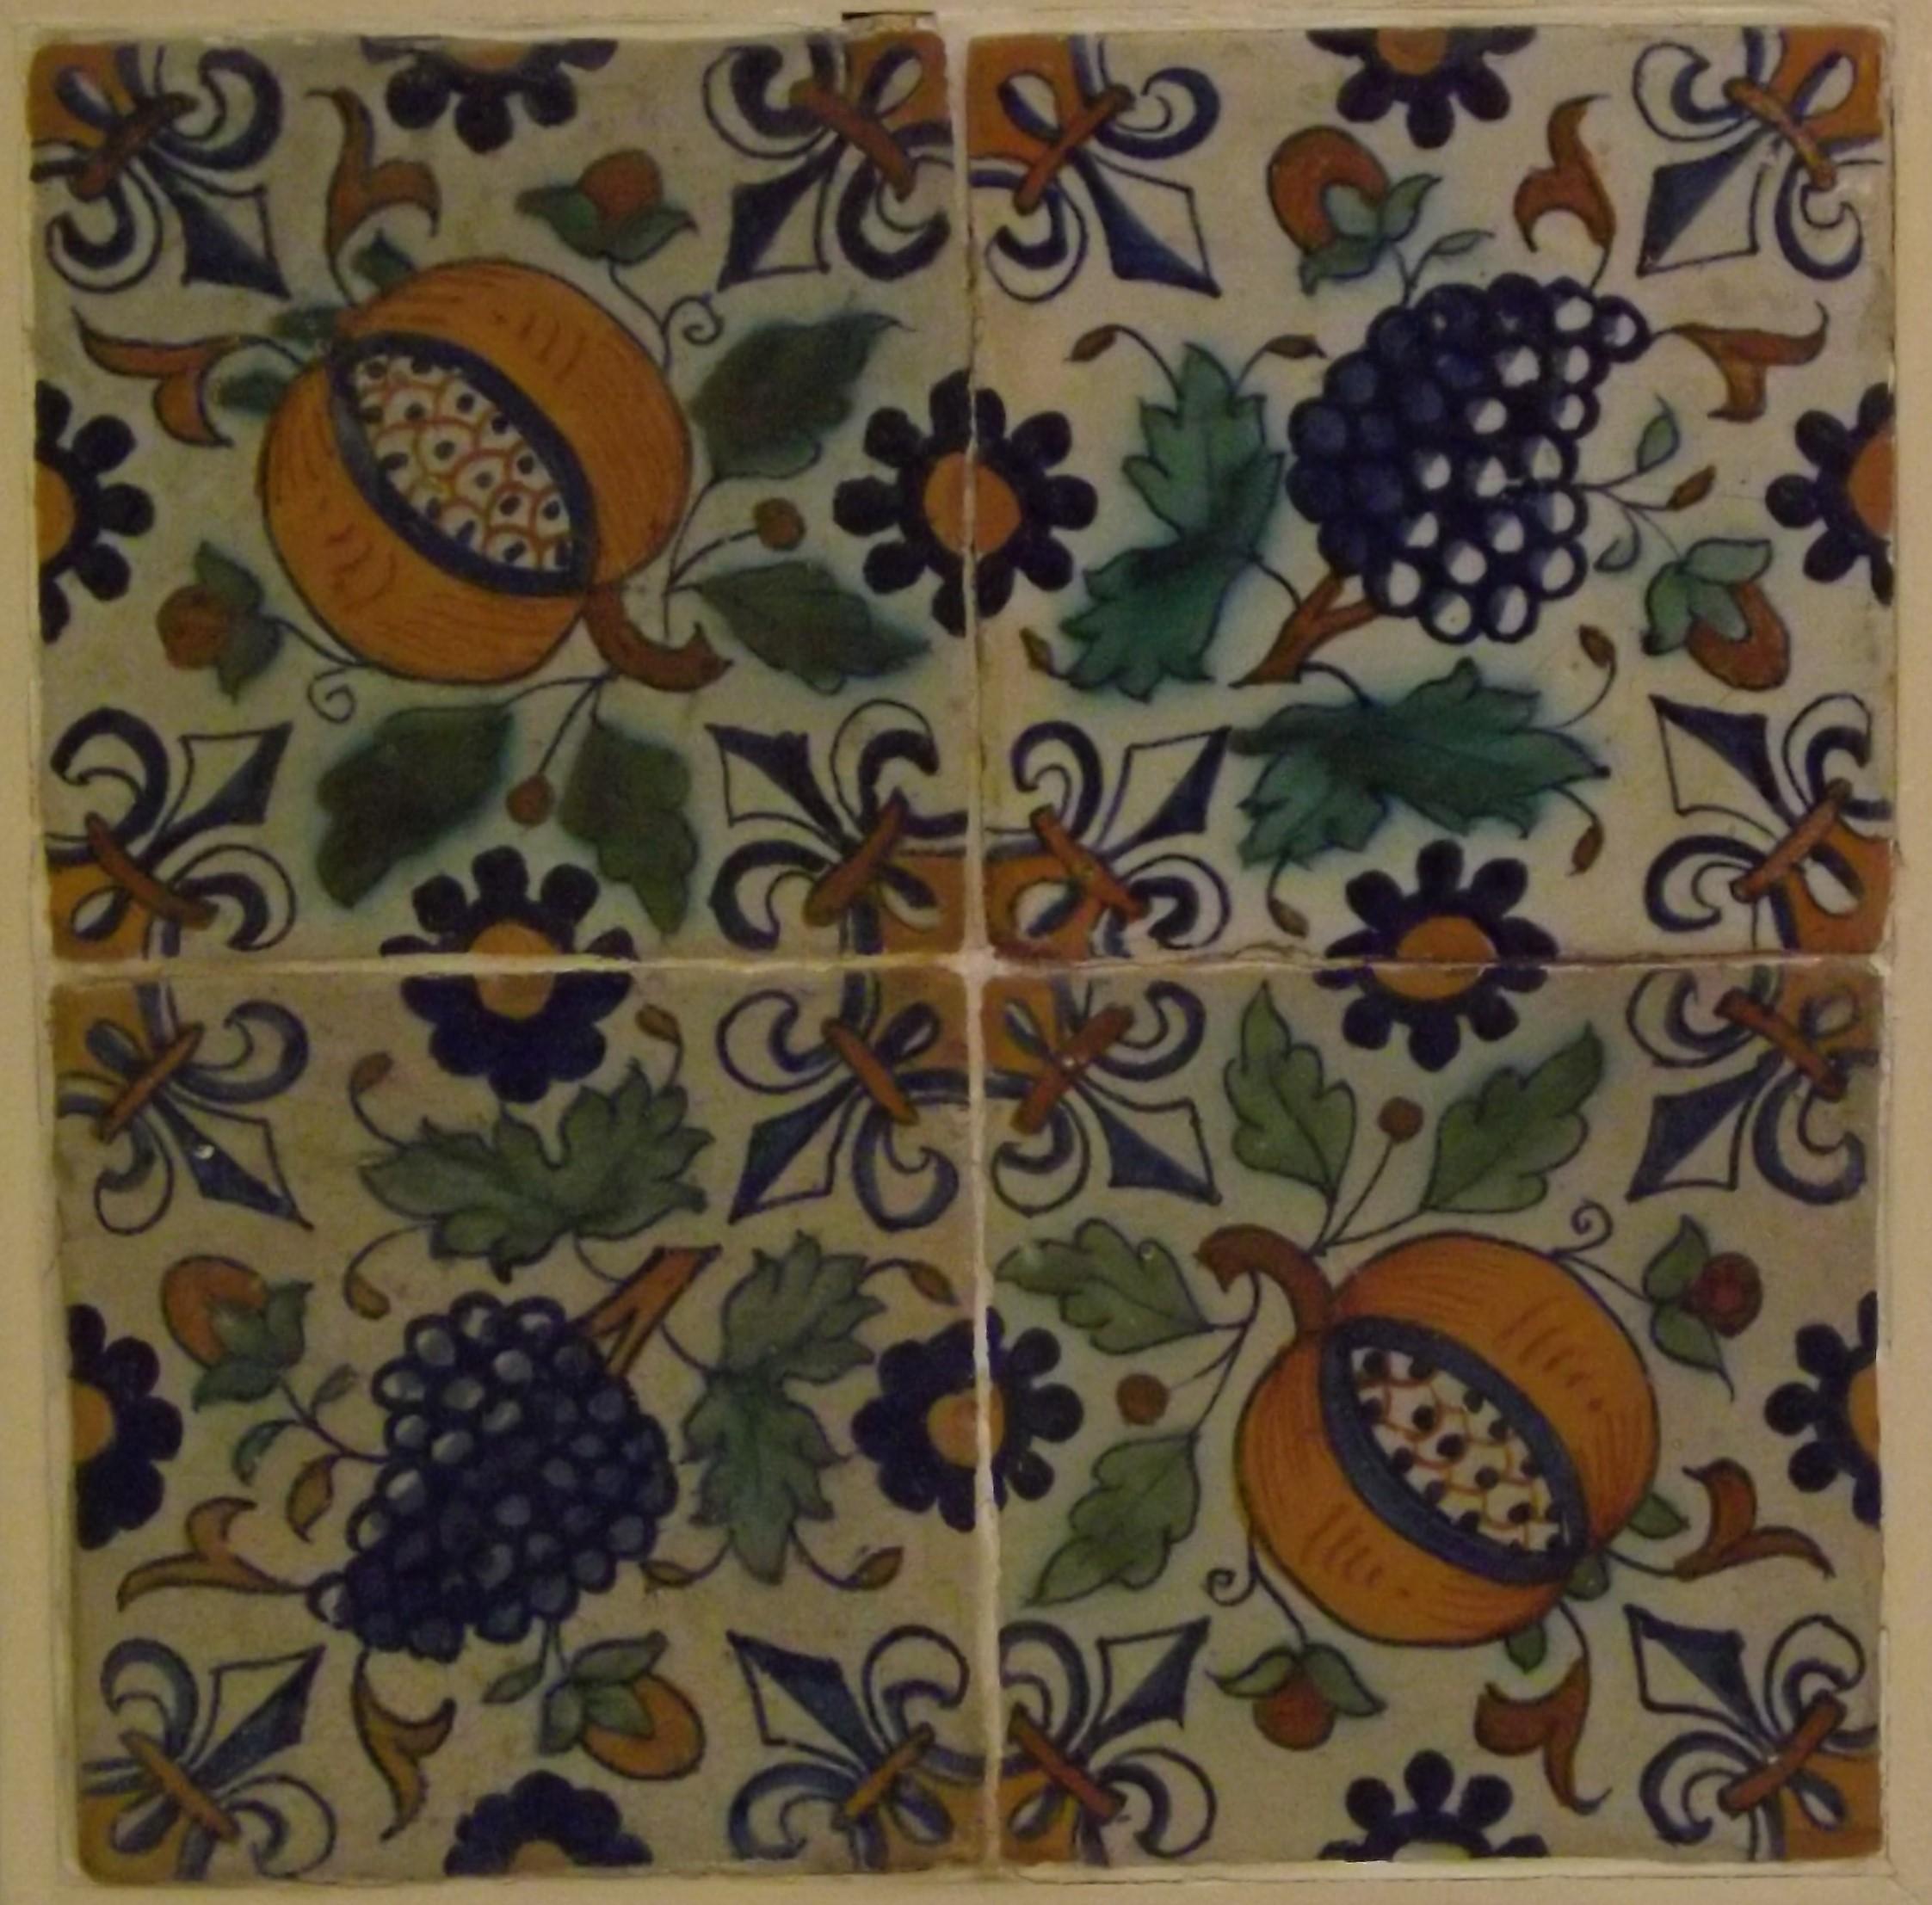 Ornamenttegels 1600-1650